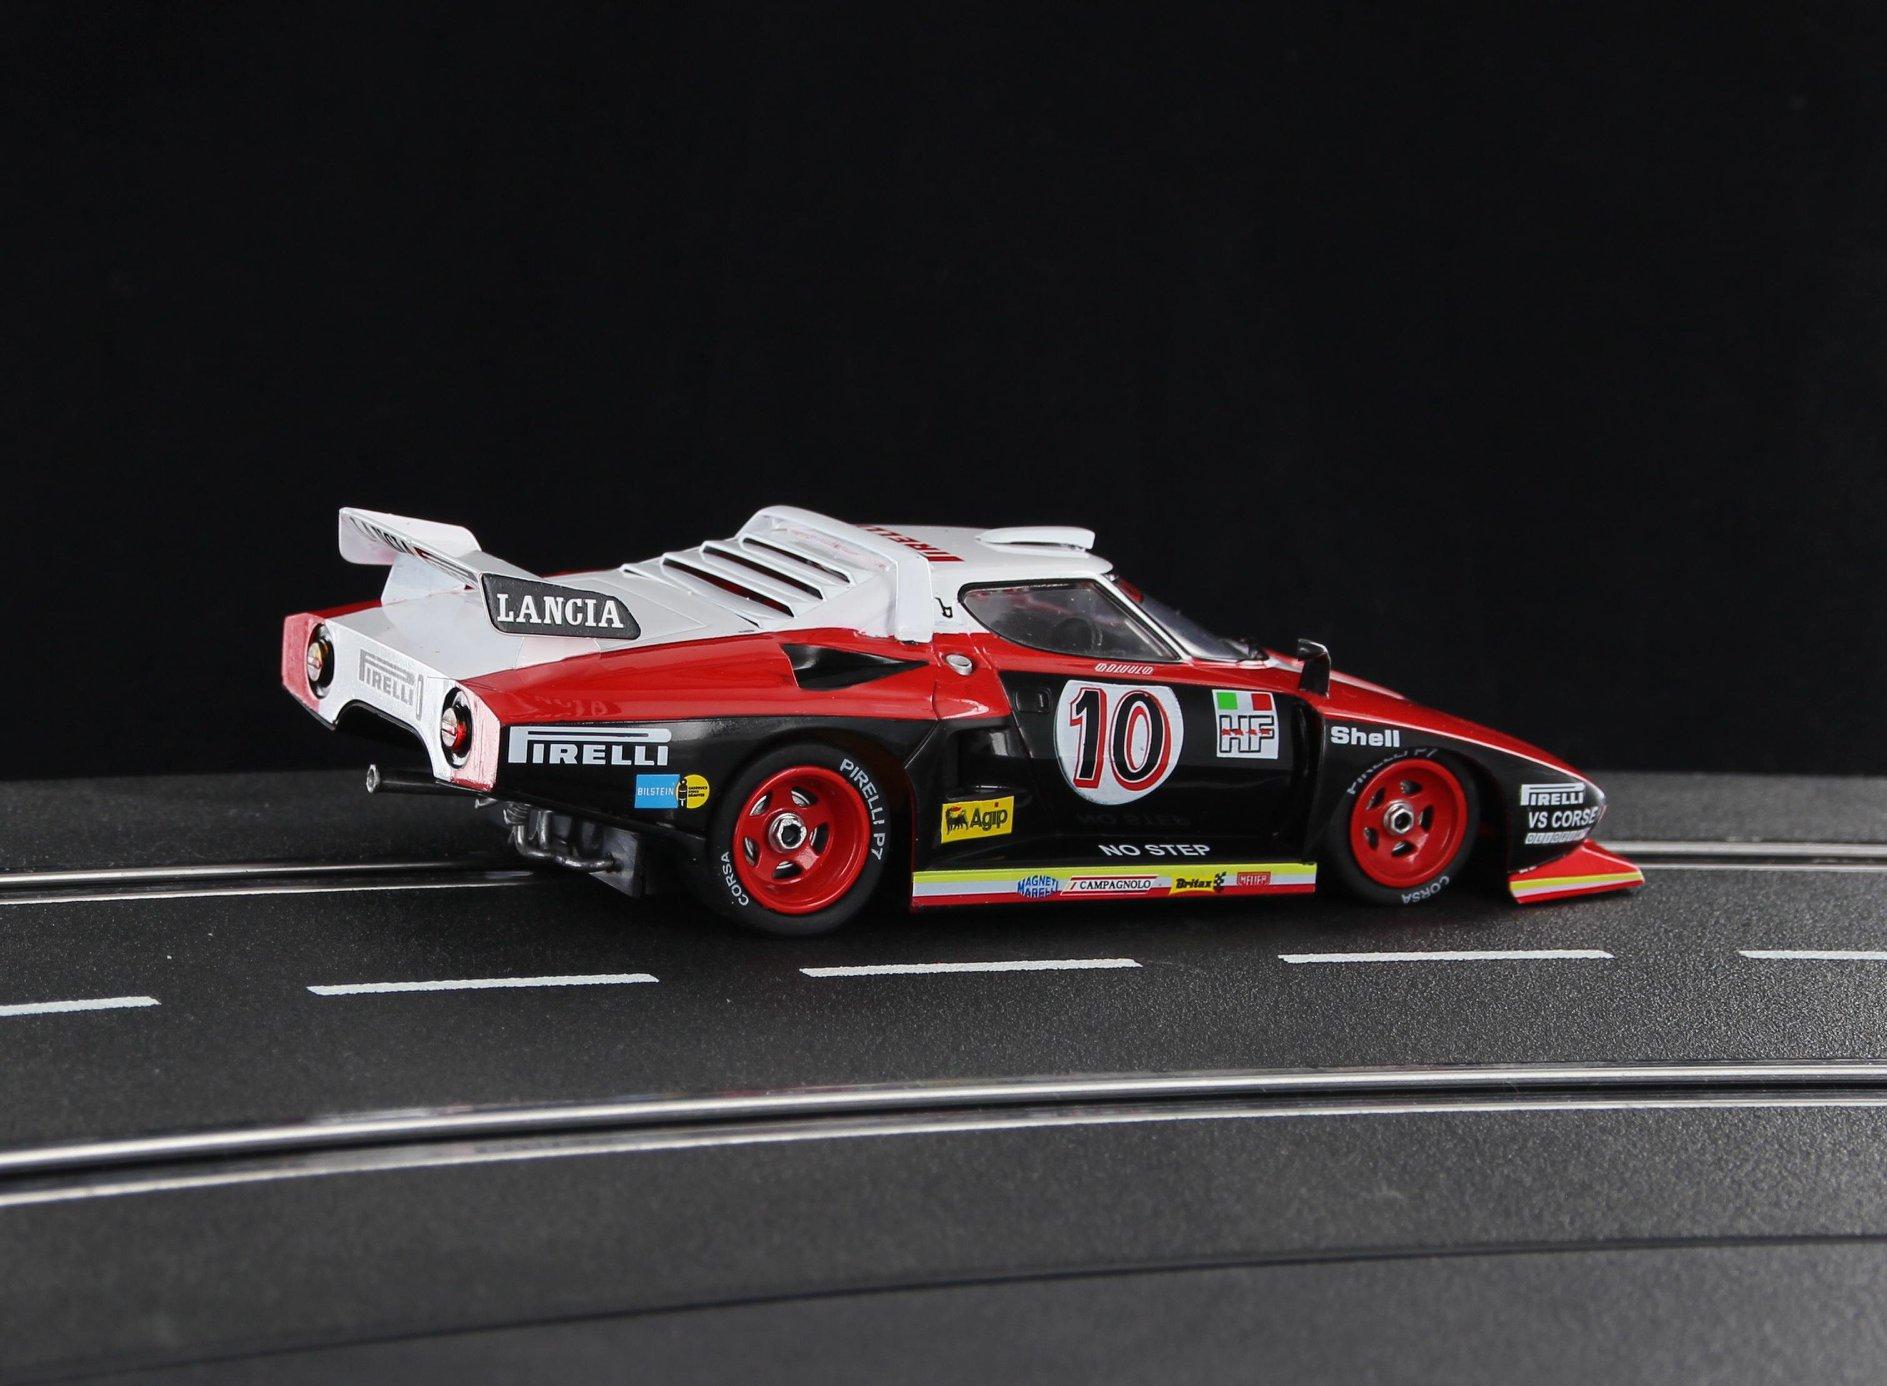 Sideways: Lancia Stratos HF Turbo Pirelli Giro D'italia 1977 (SW63)